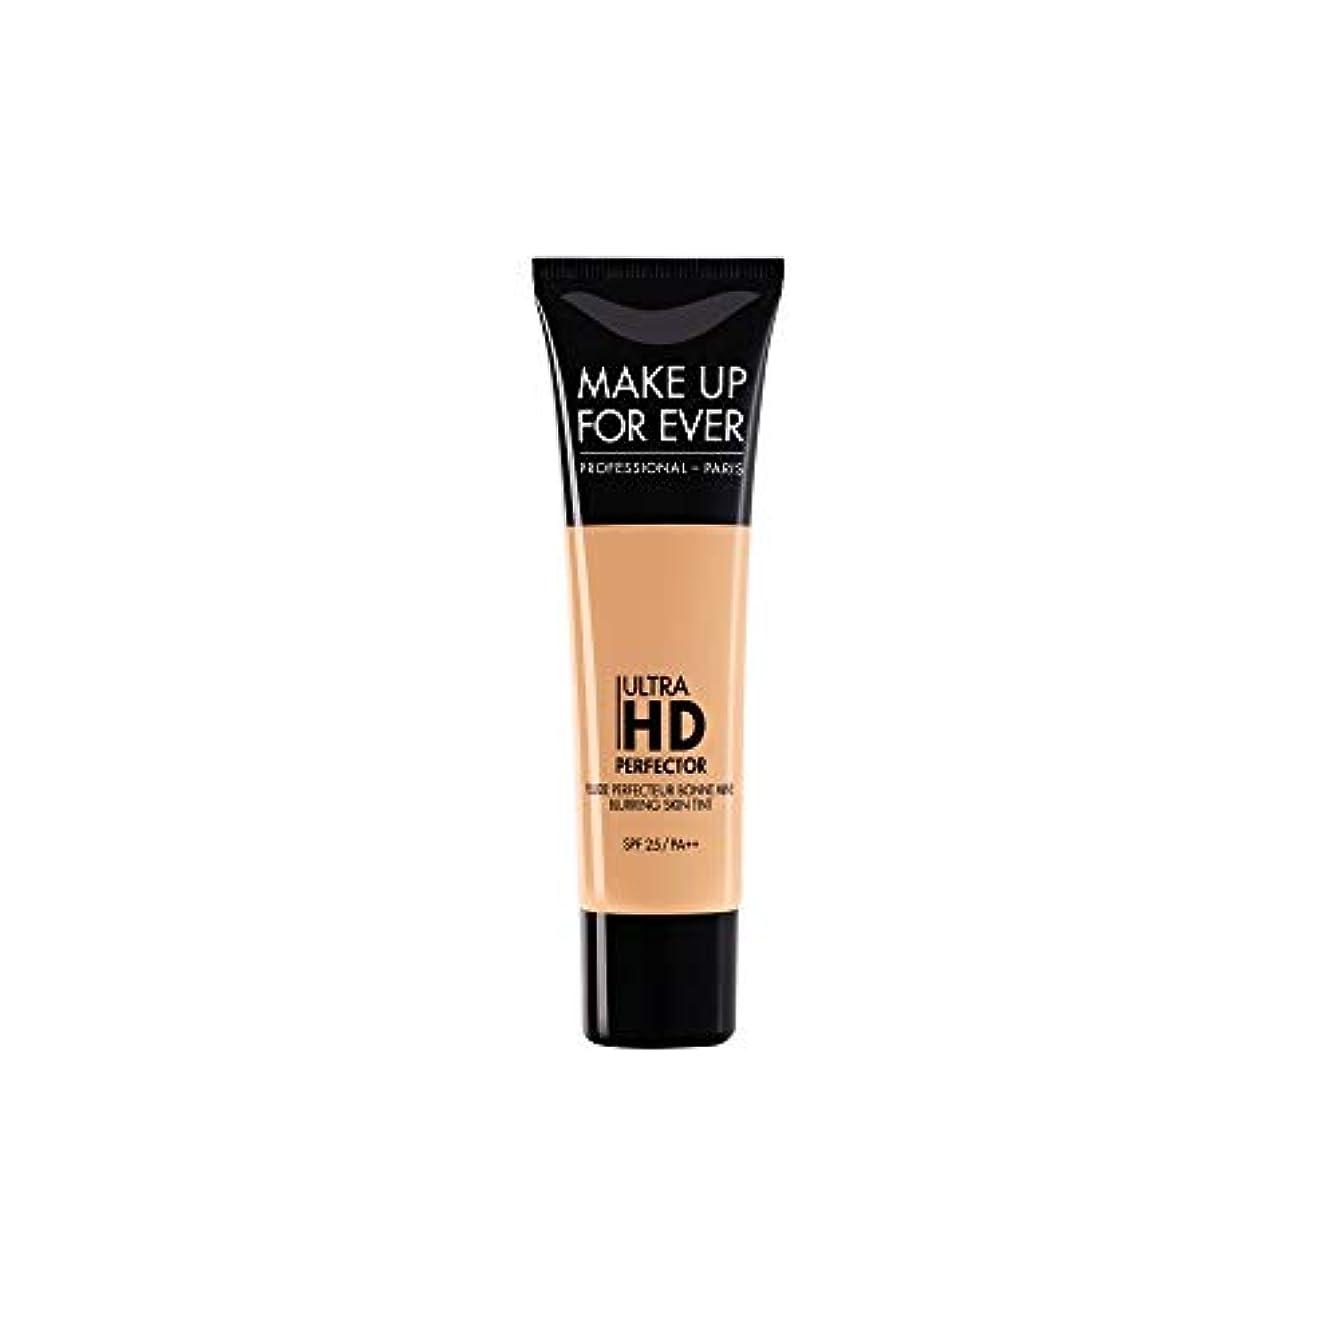 スタウトまさにヒントメイクアップフォーエバー Ultra HD Perfector Blurring Skin Tint SPF25 - # 07 Golden Apricot 30ml/1.01oz並行輸入品